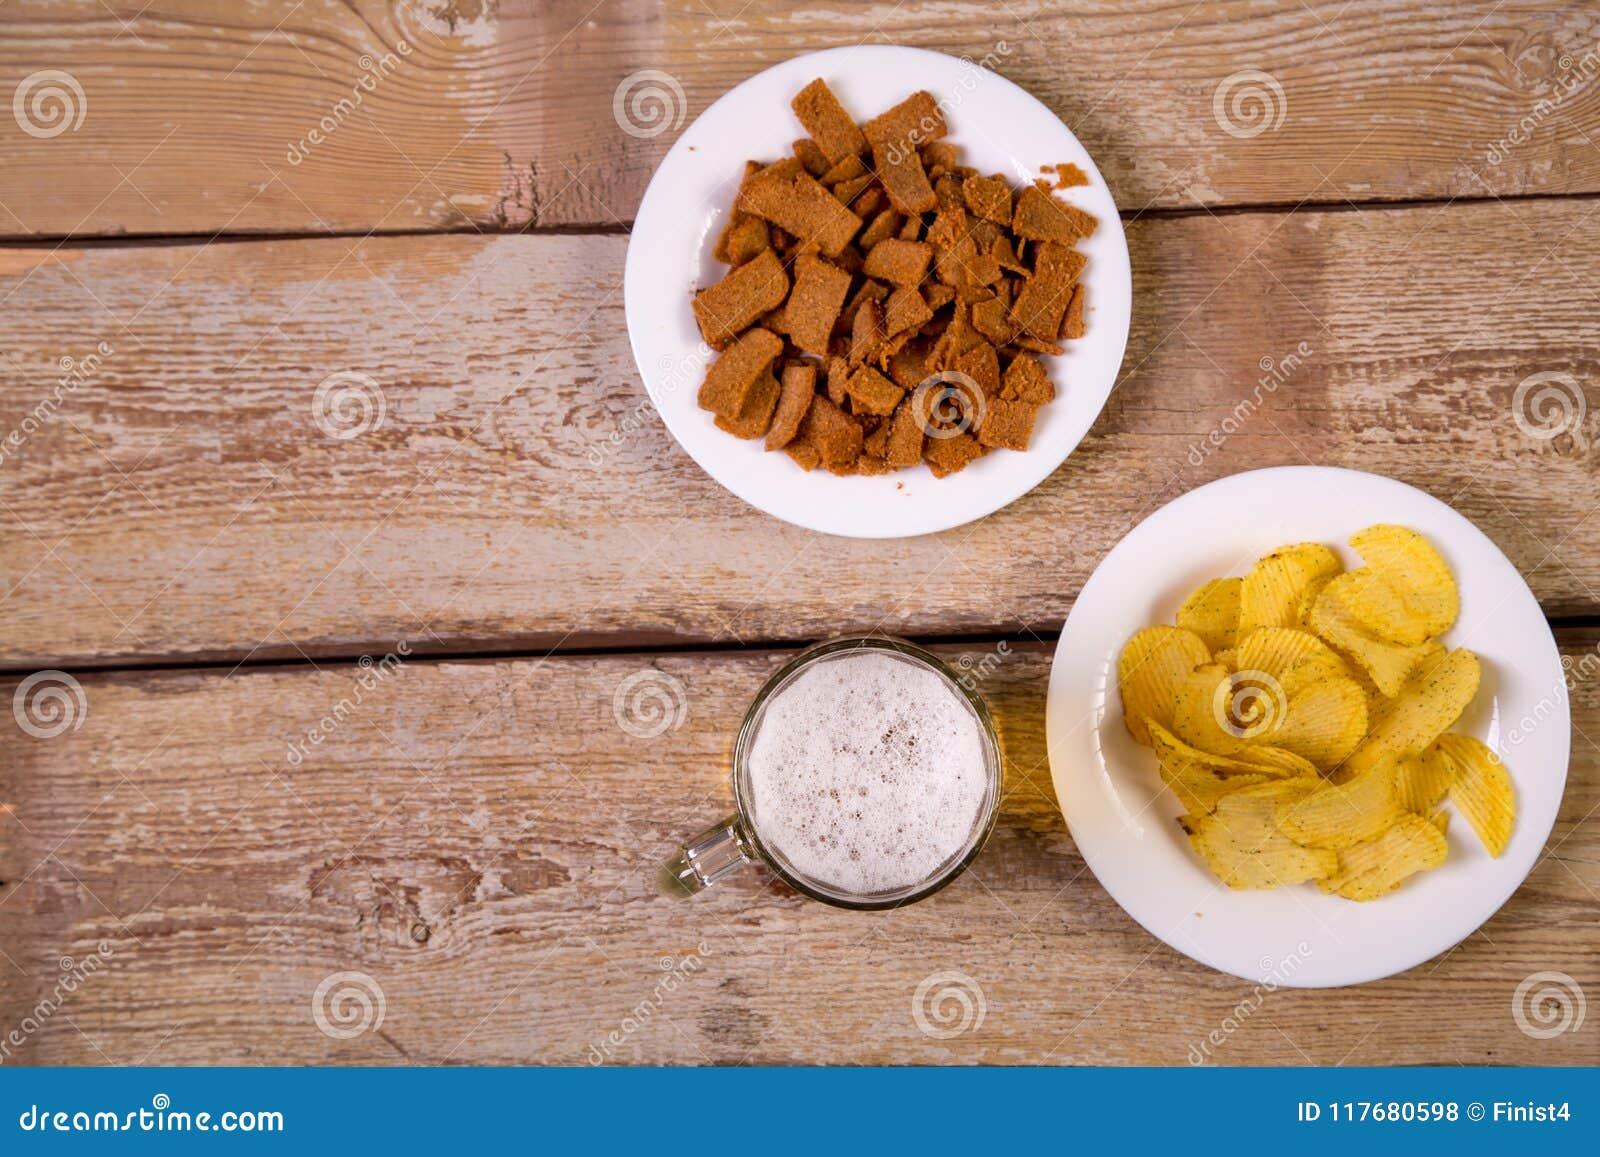 Op een houten lijst zijn witte platen met knapperige croutons en chips